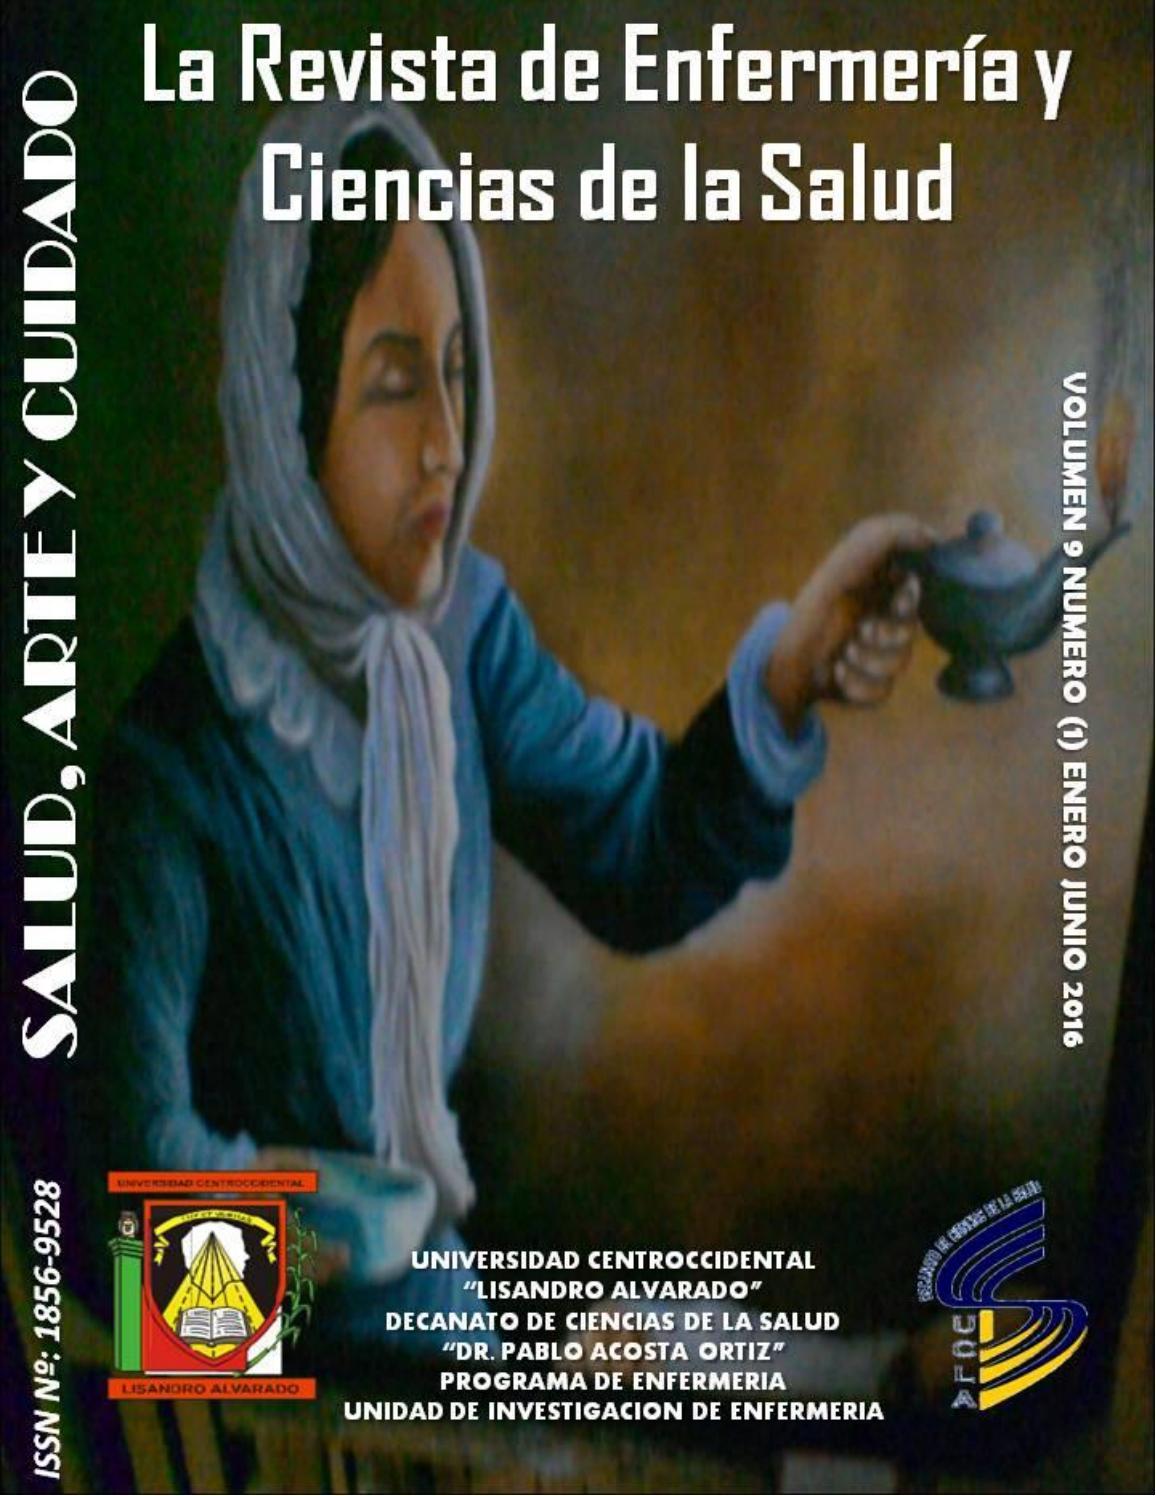 Salud, arte y cuidado vol 9 (1) enero junio 2016 by SALUD, ARTE Y ...